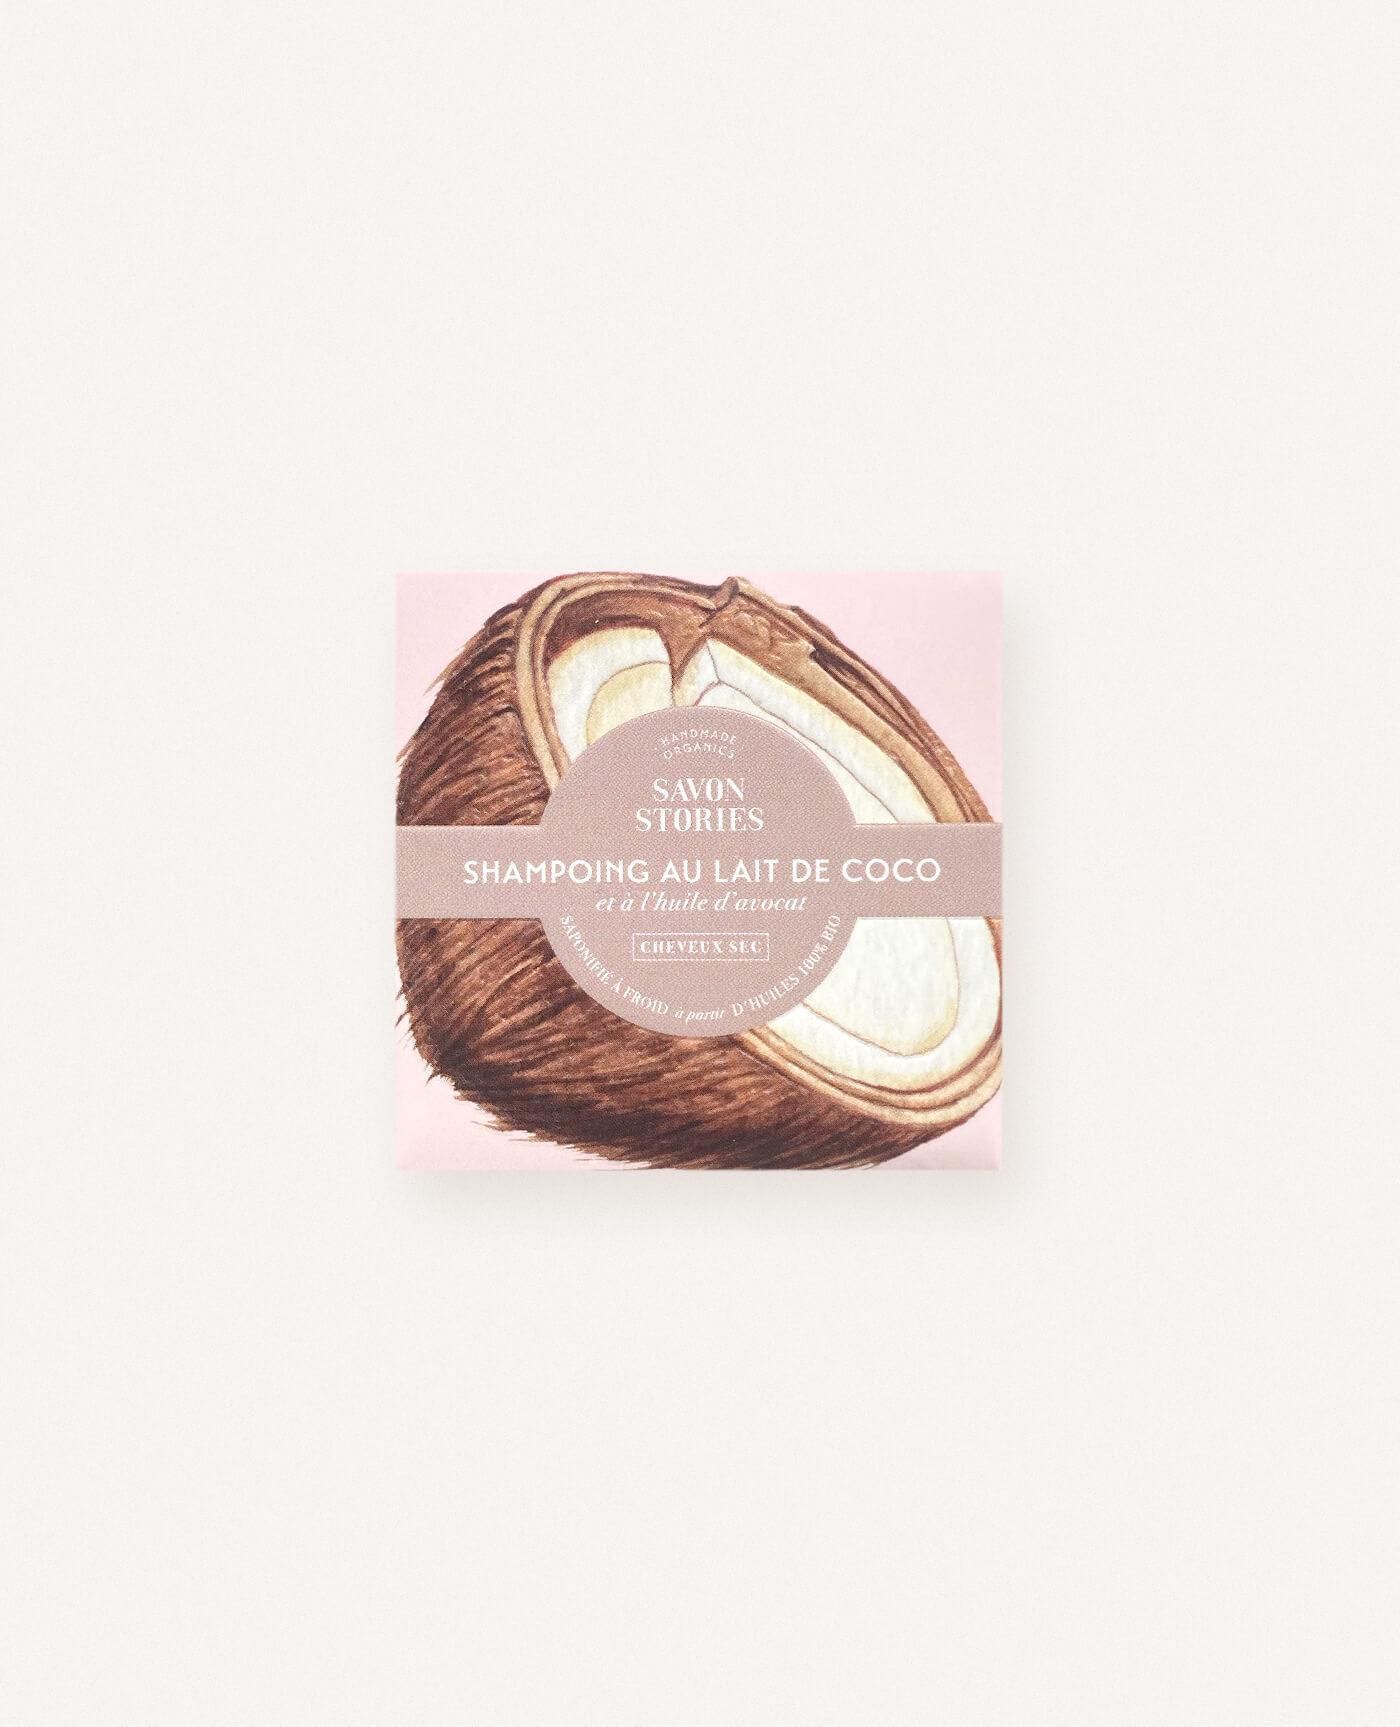 Shampoing solide bio, naturel et vegan coco pour cheveux secs de la marque Savon Stories made in france